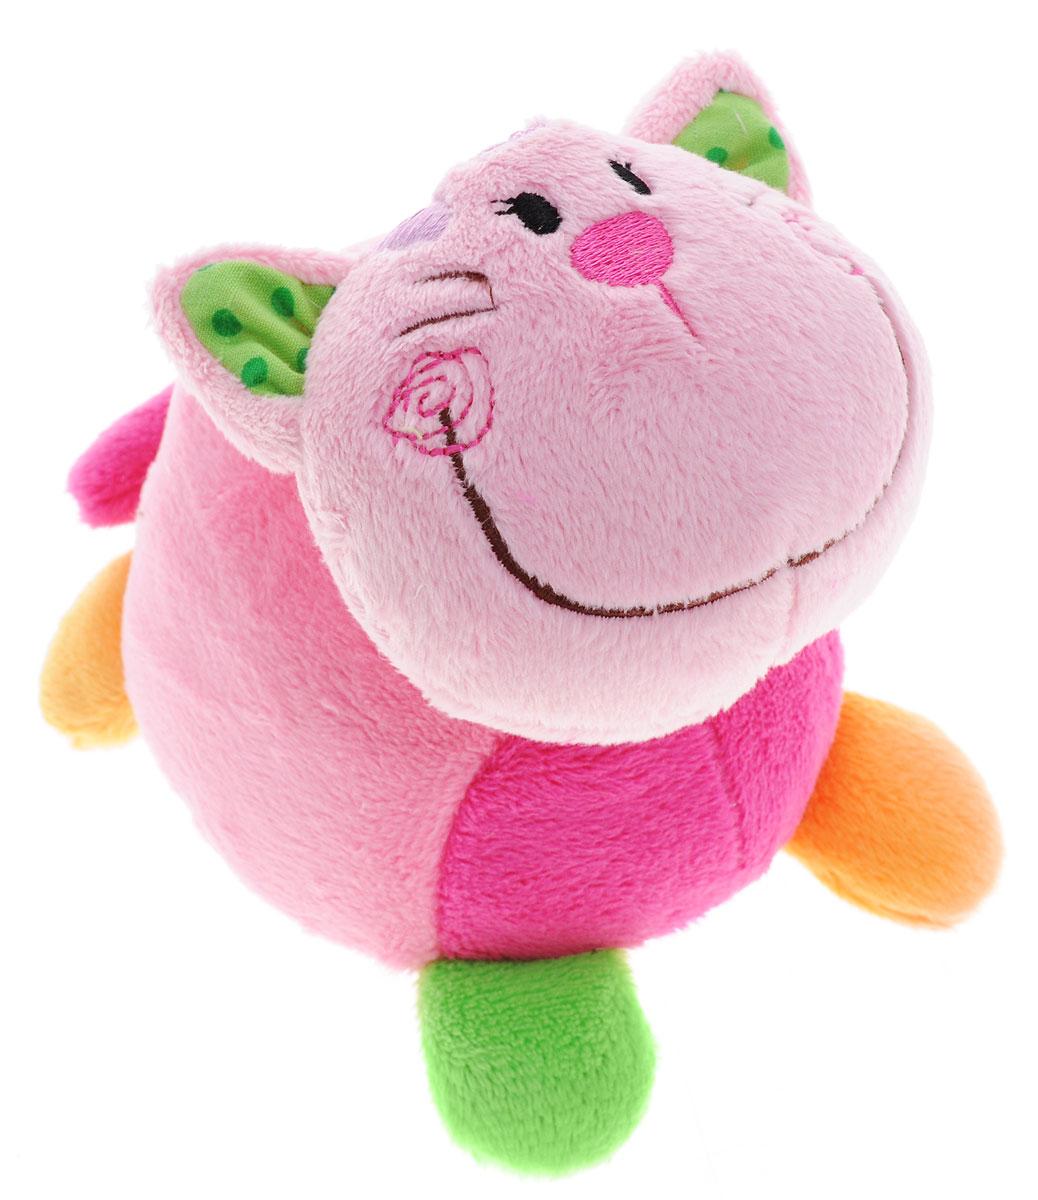 Жирафики Развивающая игрушка Друзья93845Развивающая игрушка Жирафики Друзья не оставит вашего малыша равнодушным и не позволит ему скучать! Яркая игрушка выполнена в виде кошки из текстильного материала различных цветов и фактур. Внутри игрушки спрятана сфера, гремящая при тряске. Если потянуть за хвост кошки - она завибрирует и издаст звуки. Яркие цвета игрушки и различные типы материала направлены на развитие мыслительной деятельности, цветовосприятия, тактильных ощущений и мелкой моторики рук ребенка, а элемент погремушки способствует развитию слуха.